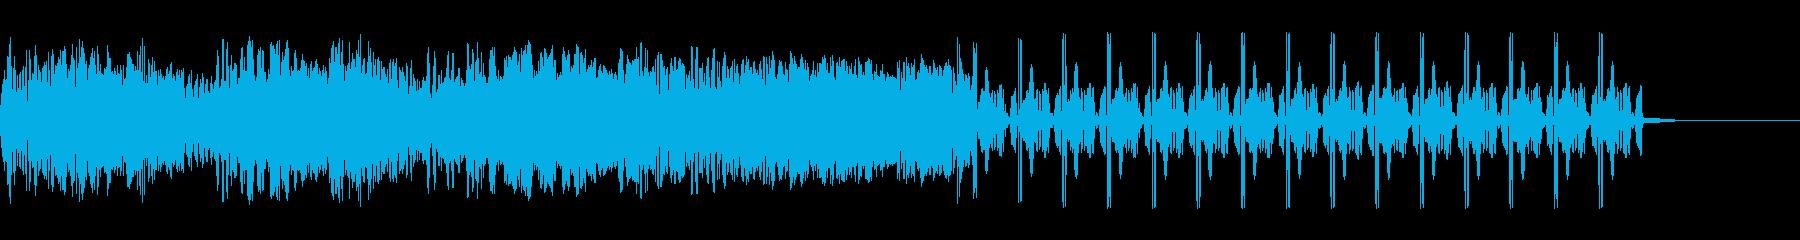 静的干渉跳ね返りスワイプ4の再生済みの波形